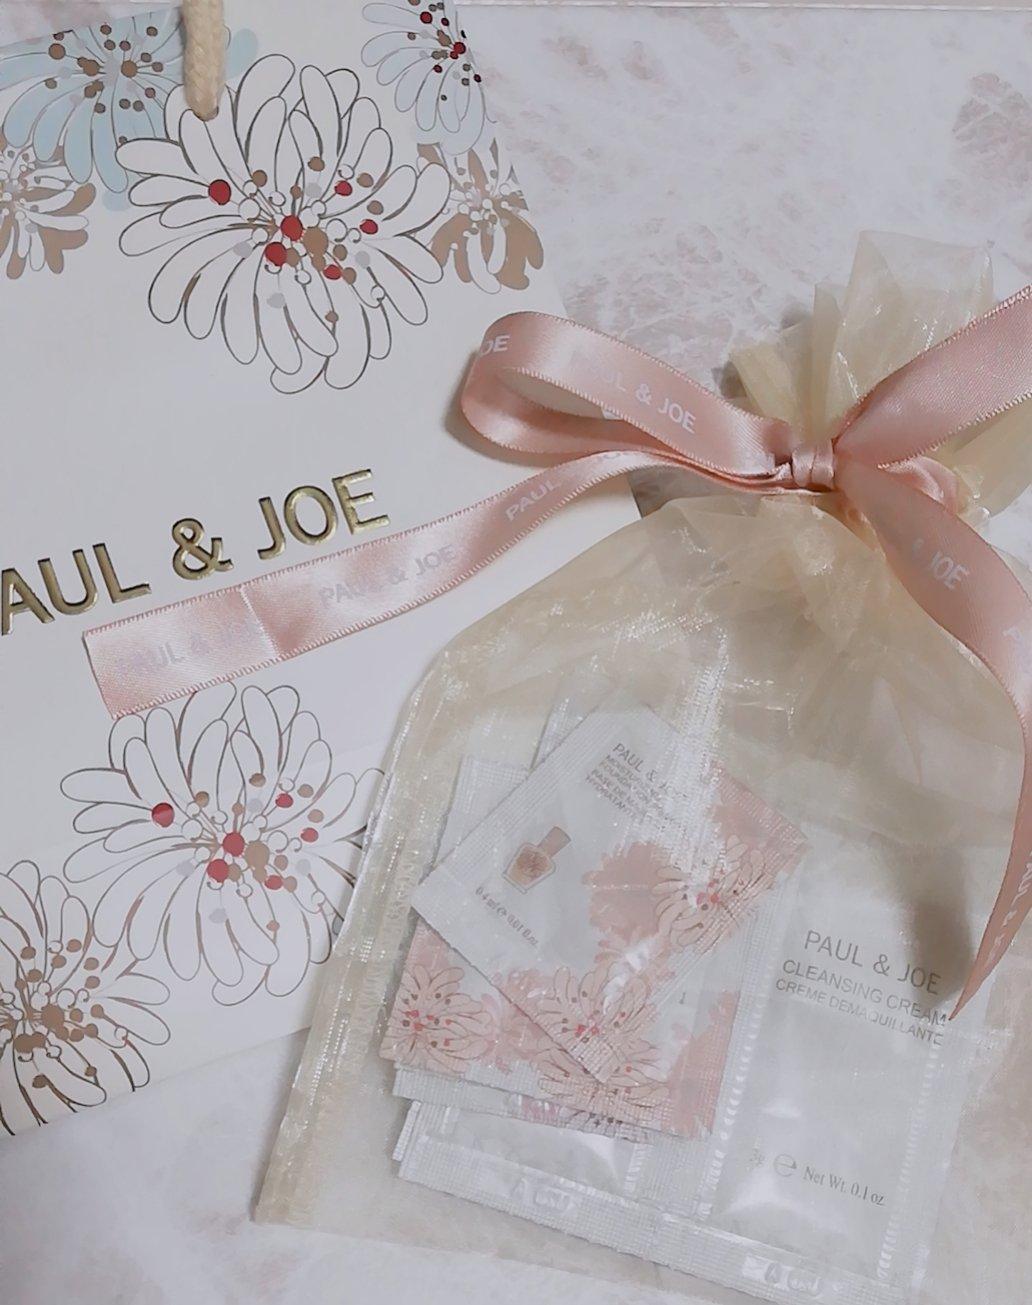 ポール&ジョー 誕生日特典 誕生日クーポン PAUL&JOE デパコスサンプル